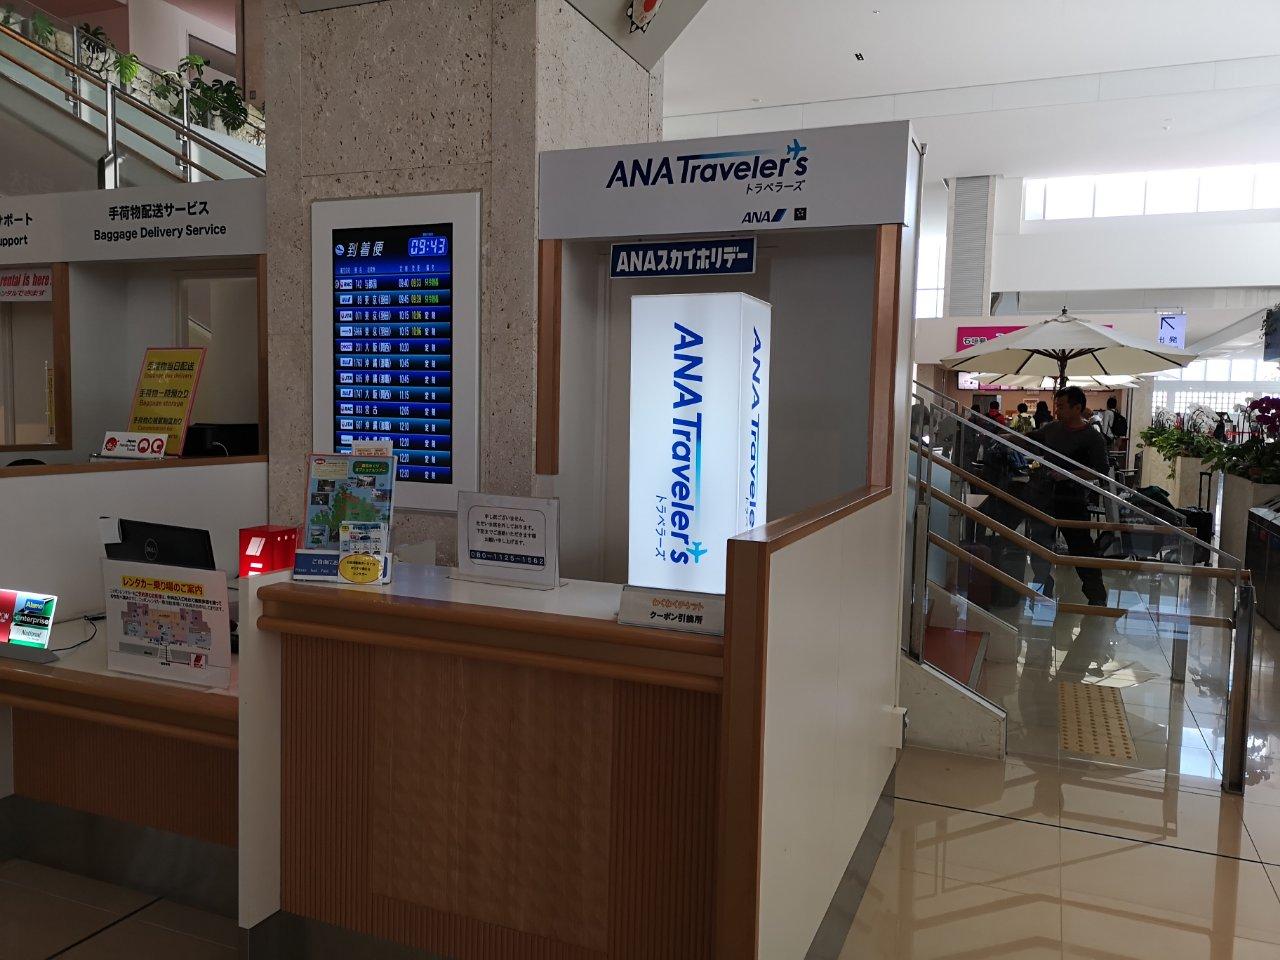 石垣島ANAカウンター1